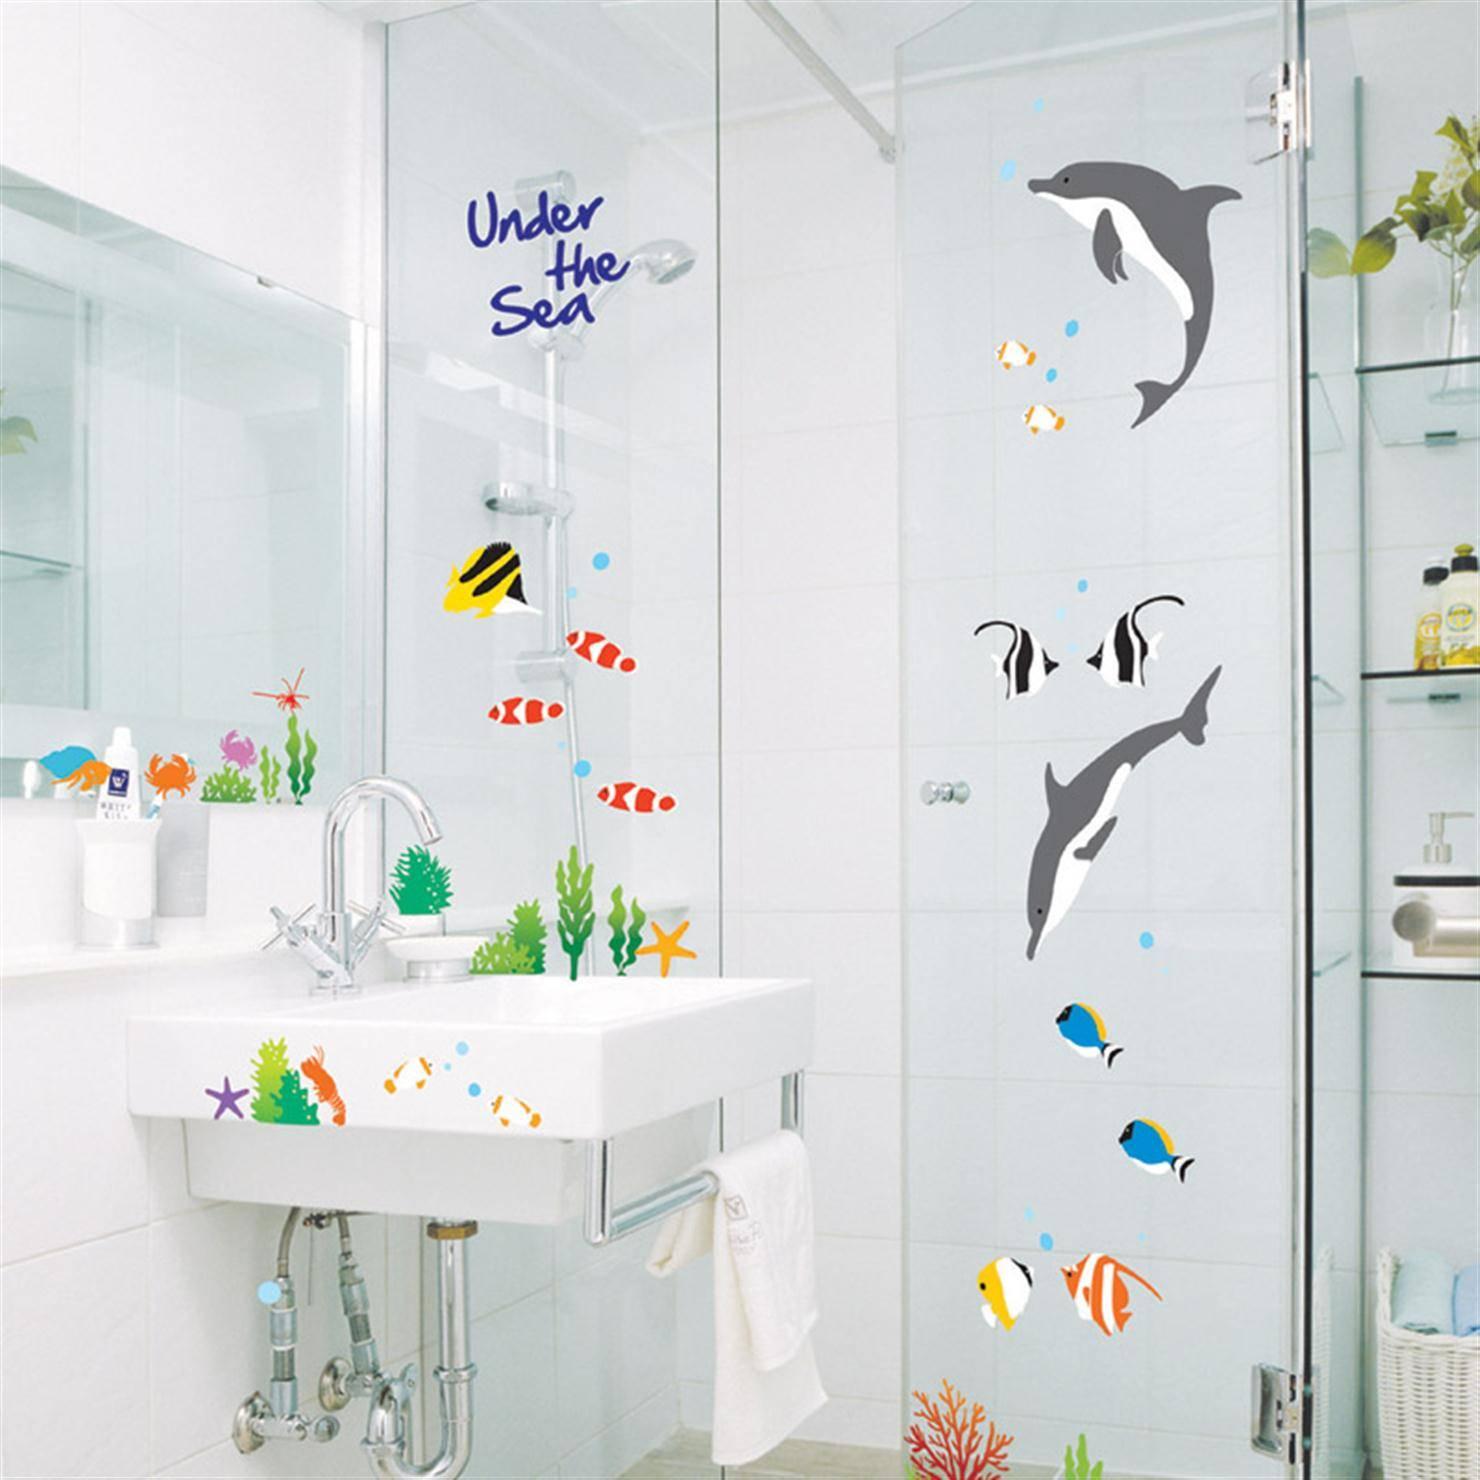 Декор ванной - красивые примеры оформления интерьера. материалы, цветовое оформление, текстиль для декора